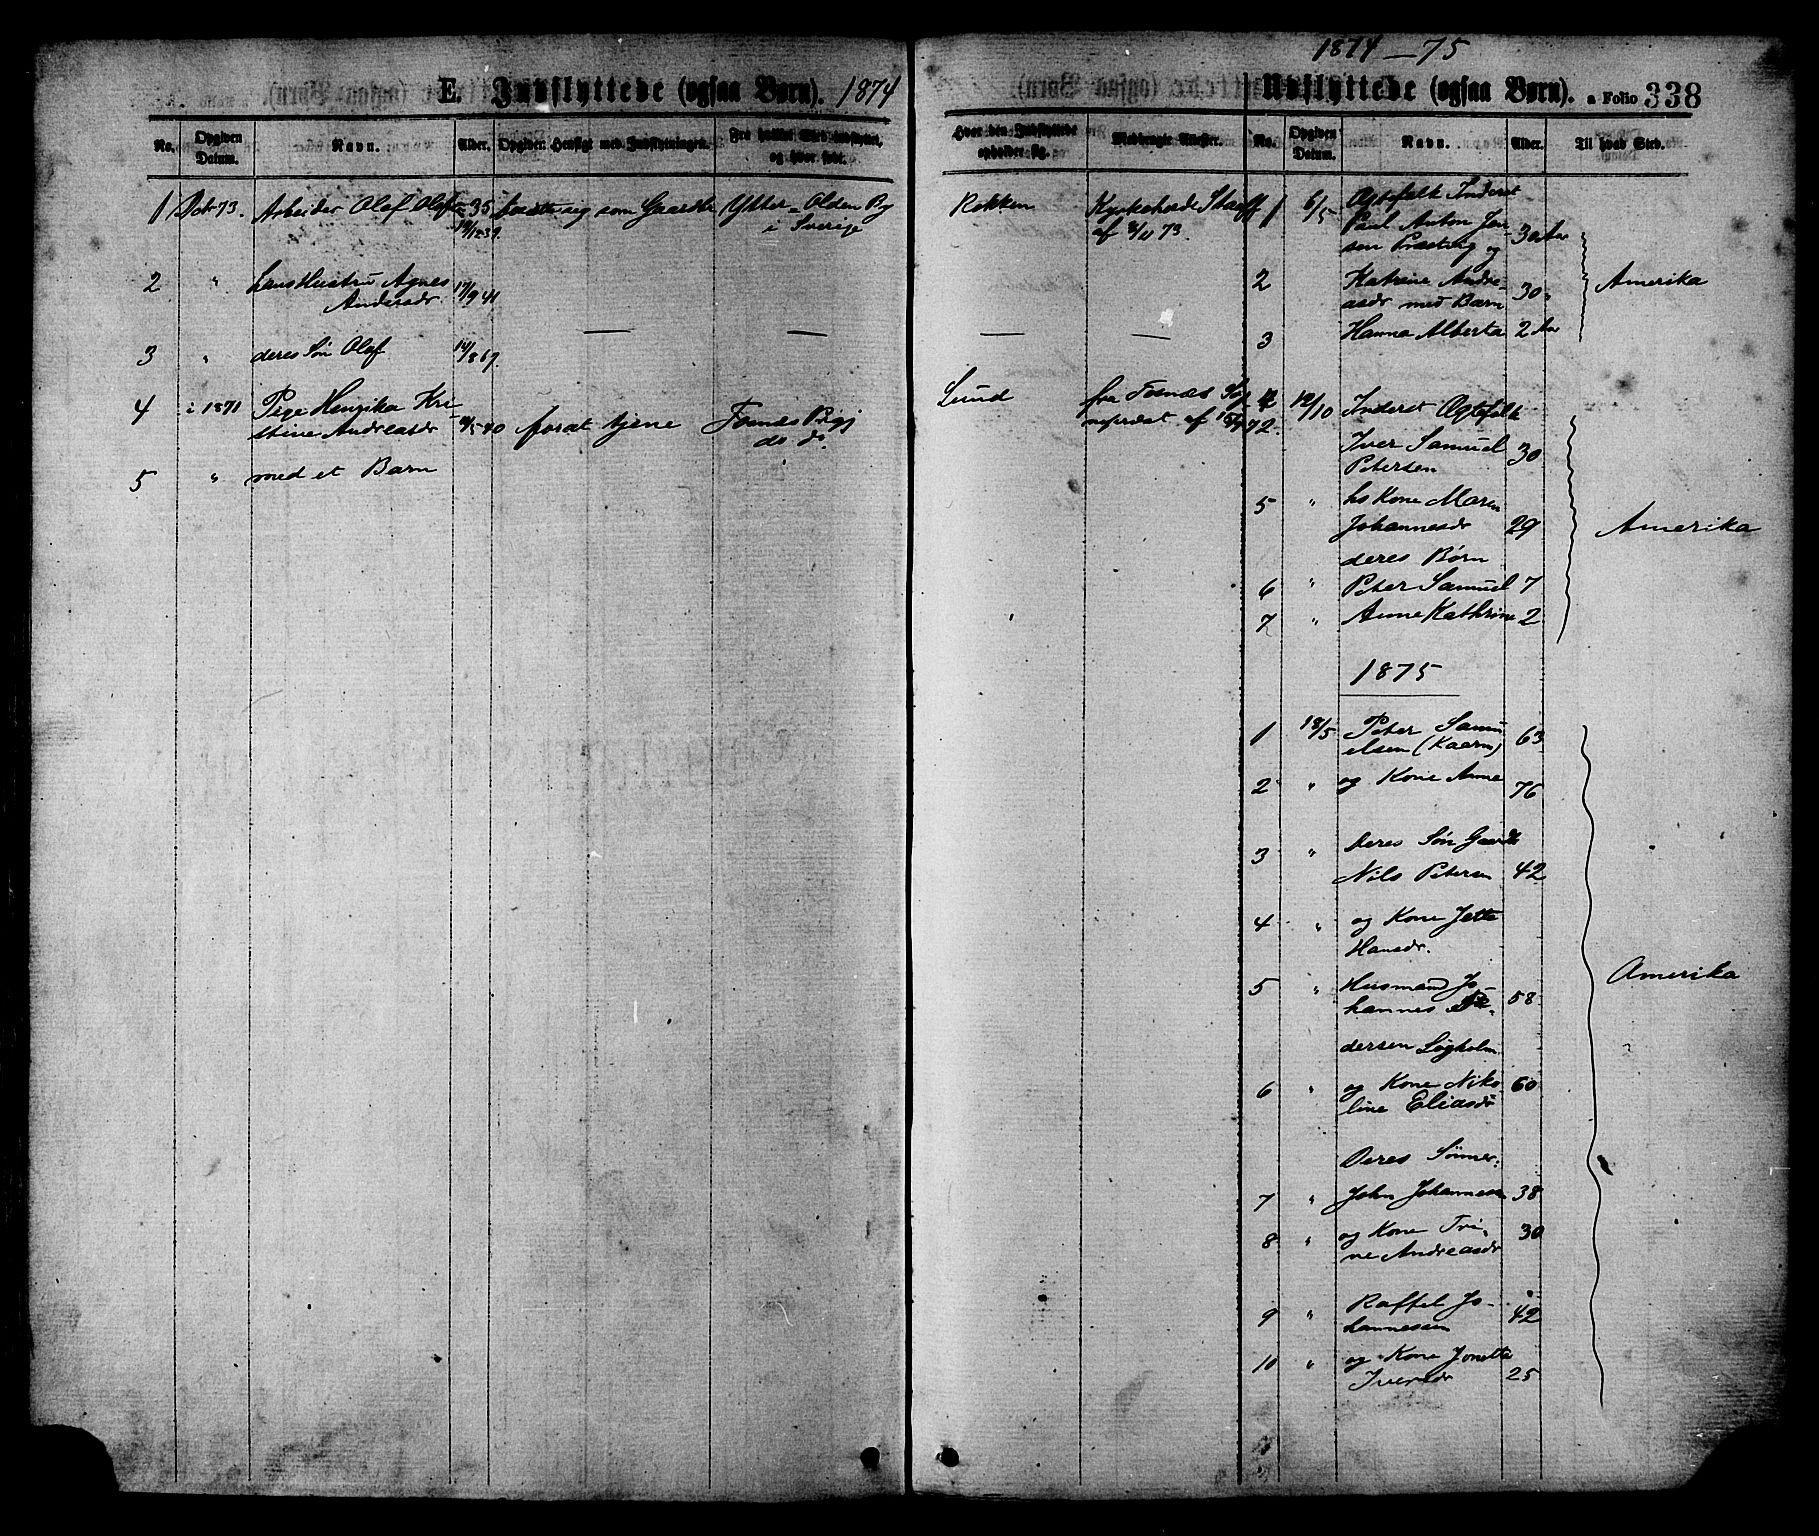 SAT, Ministerialprotokoller, klokkerbøker og fødselsregistre - Nord-Trøndelag, 780/L0642: Ministerialbok nr. 780A07 /1, 1874-1885, s. 338